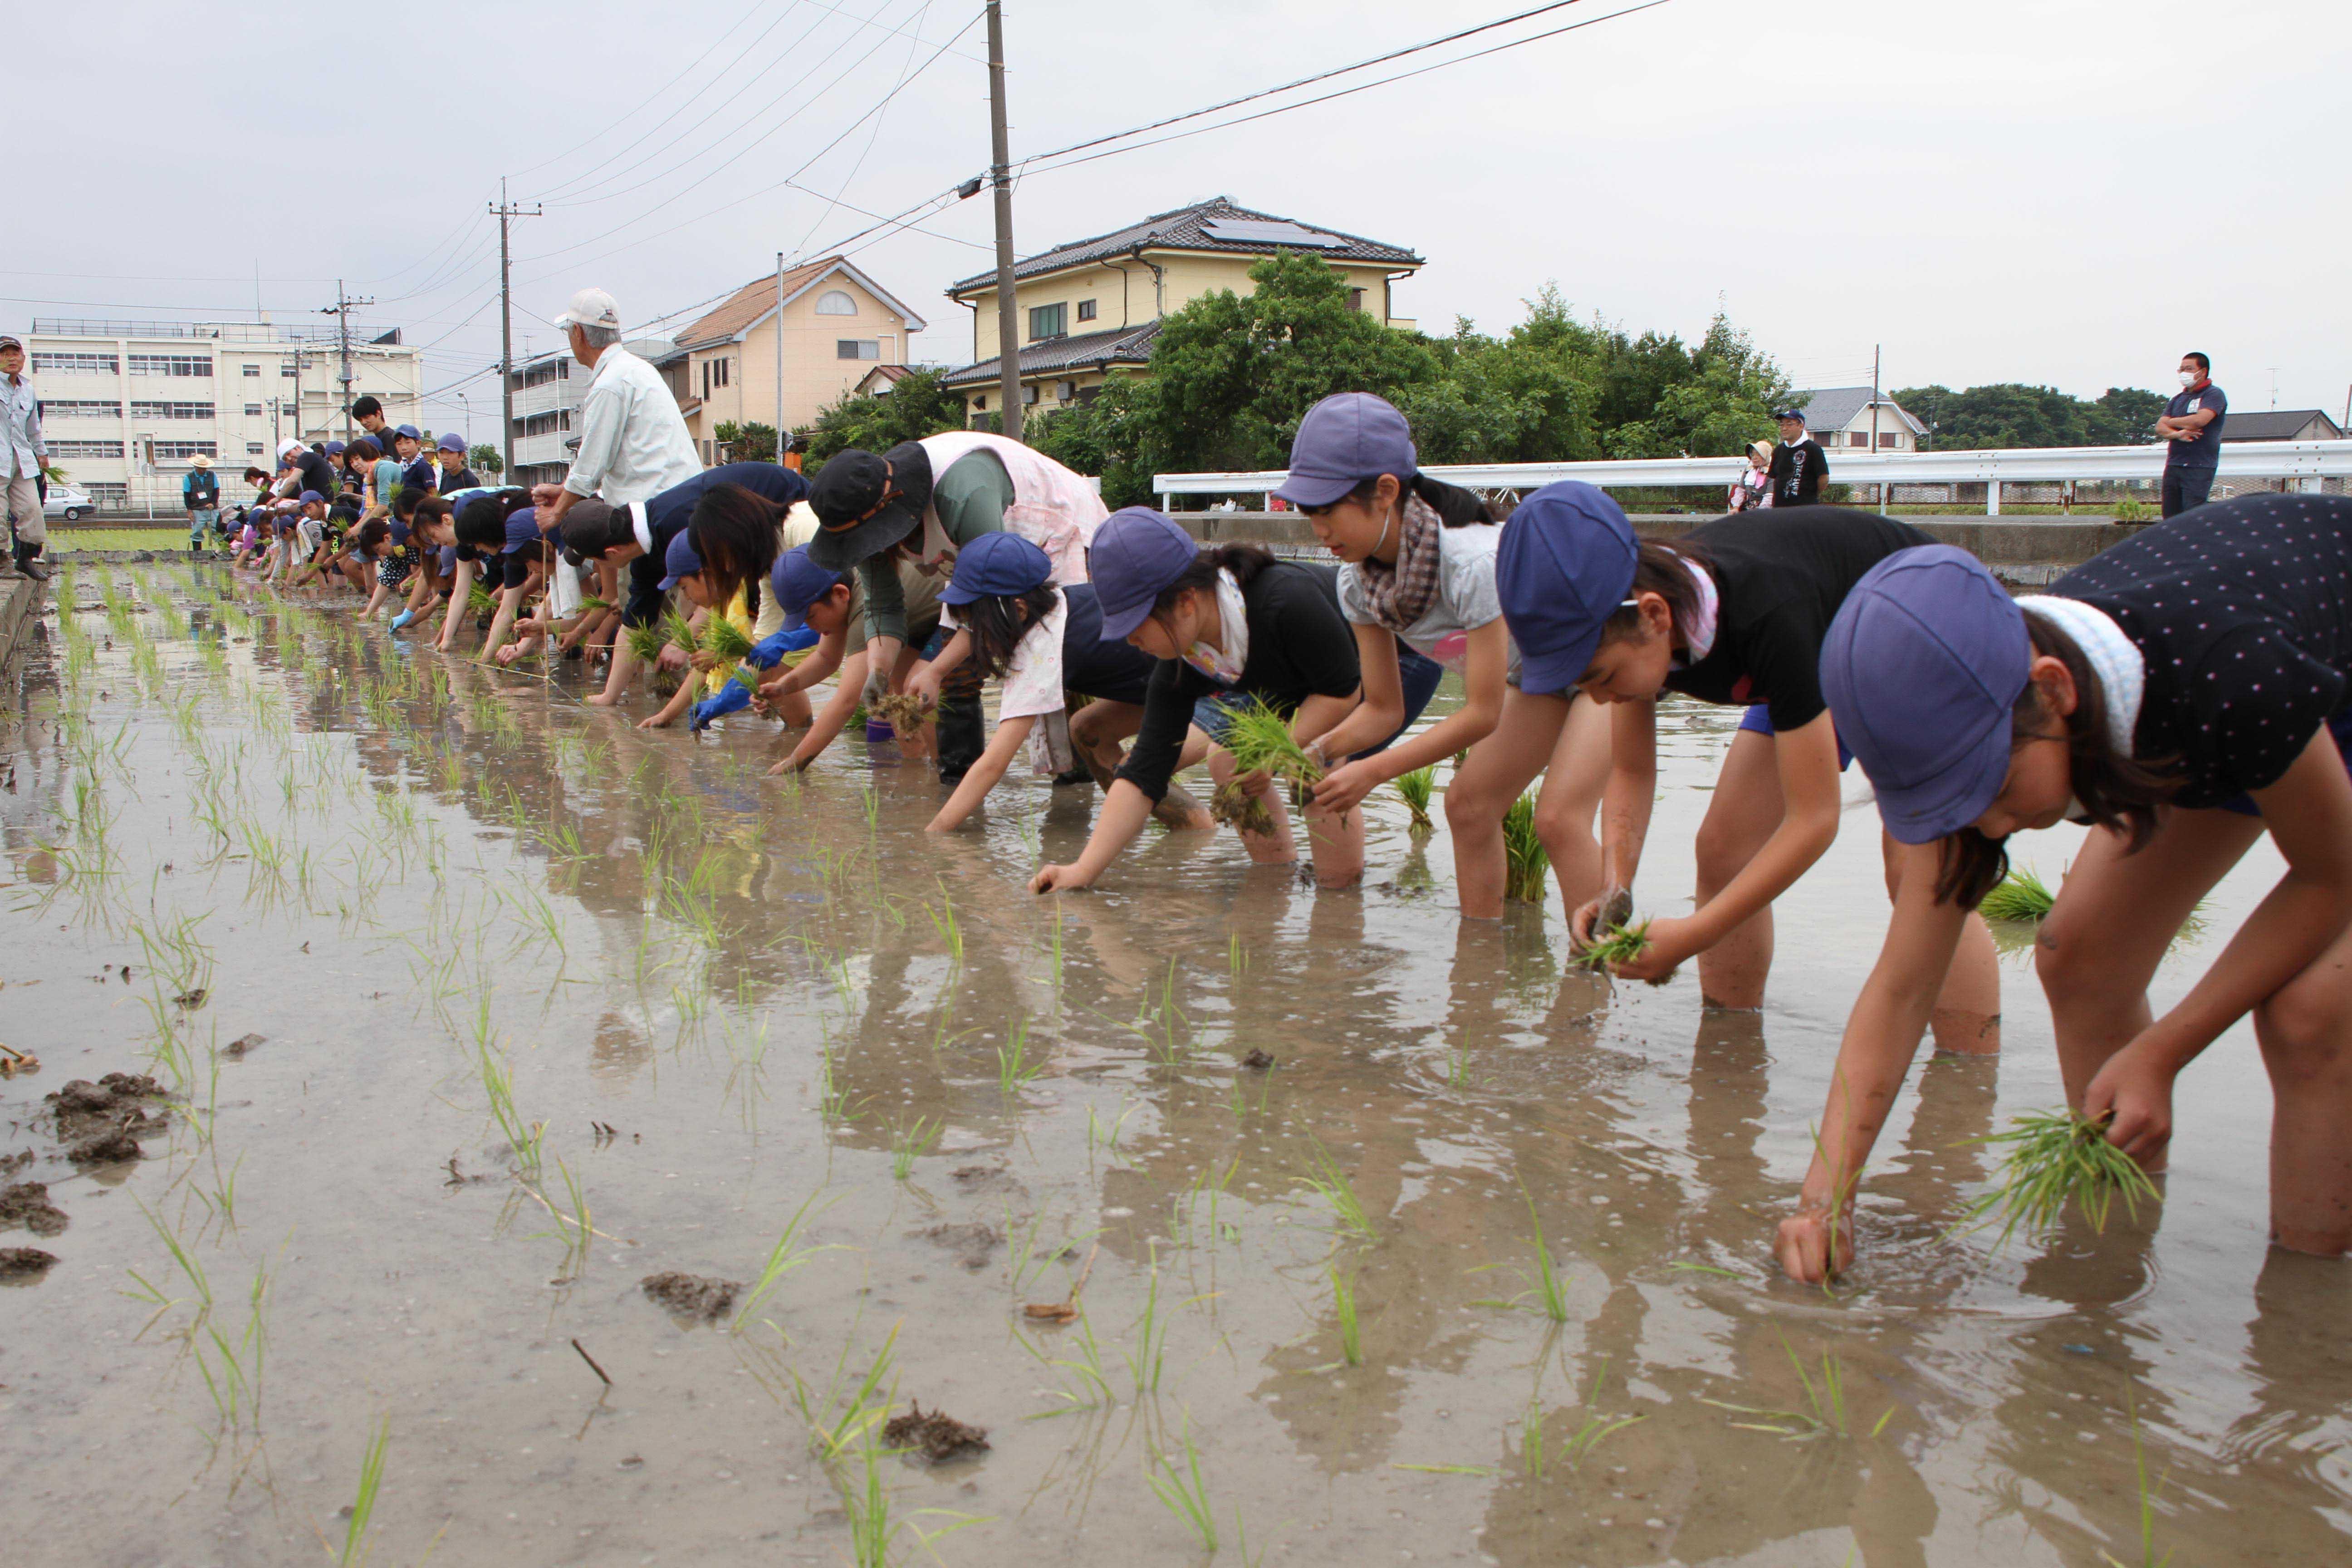 鴻巣市立大芦小学校で田植え体験(吹上支店)